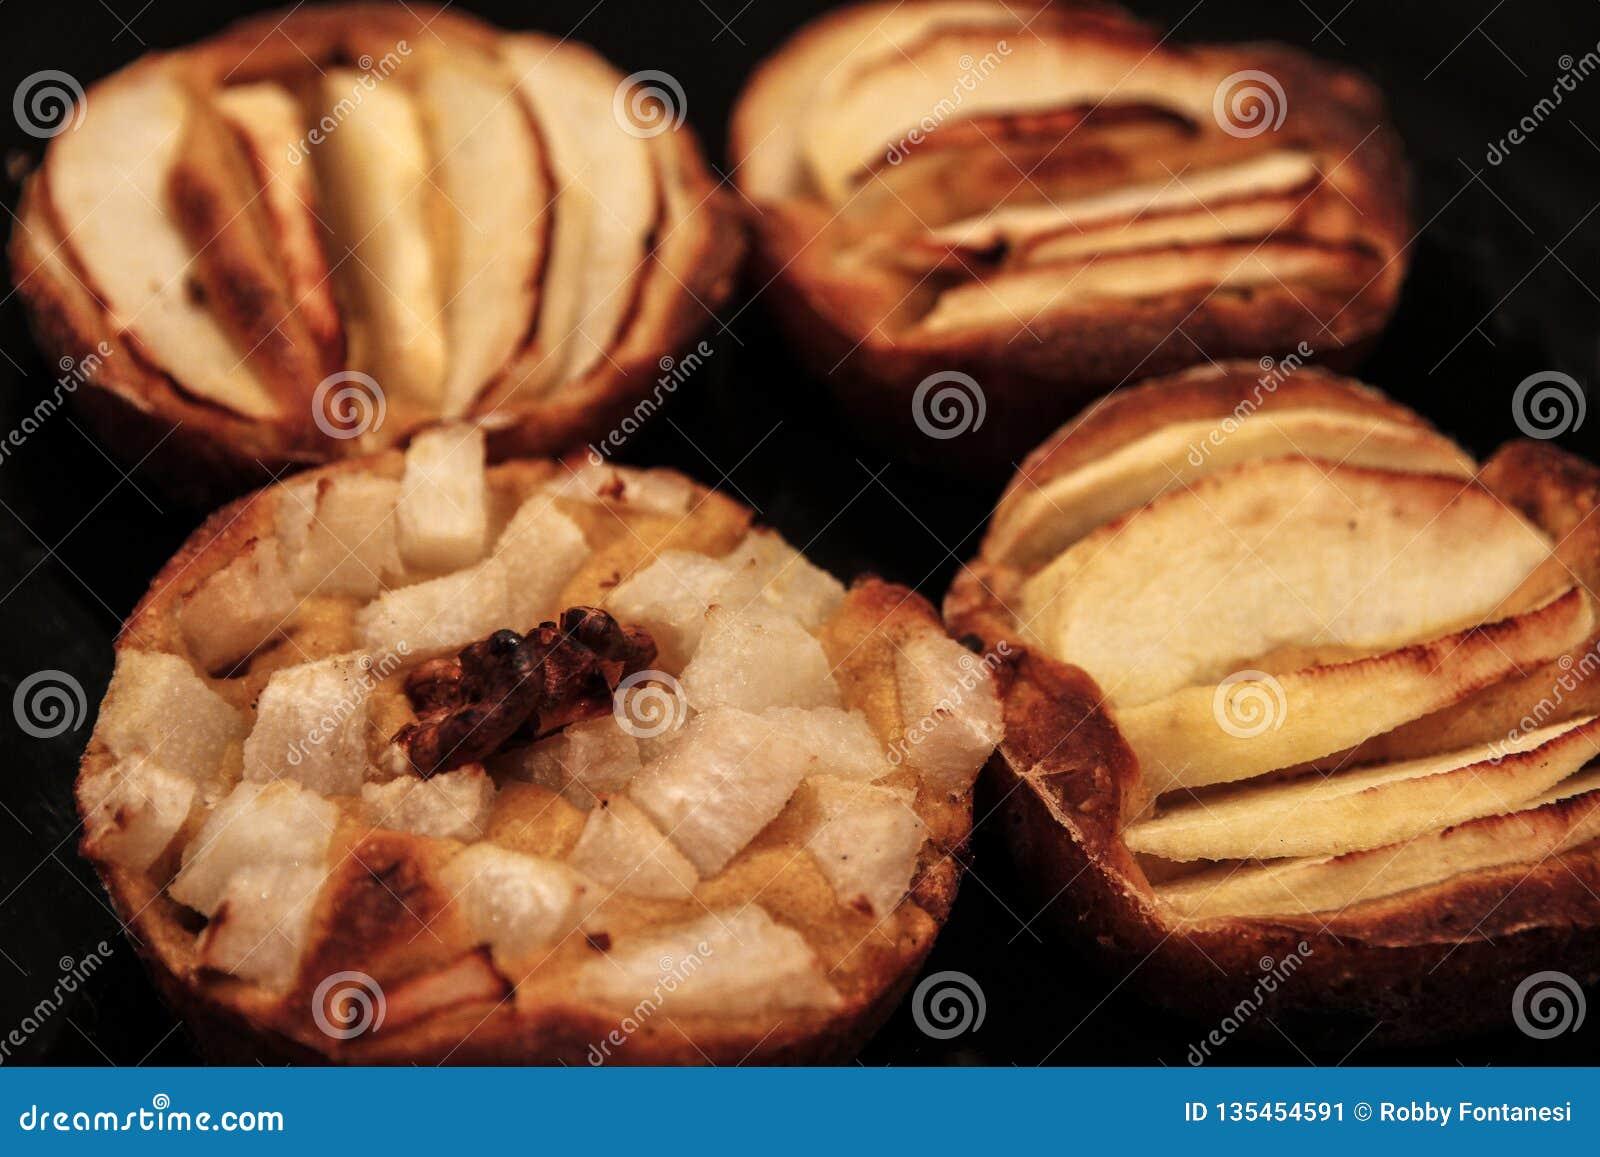 Οι μικρές σπιτικές πίτες μήλων έψησαν πρόσφατα κάθε μια στη φόρμα της